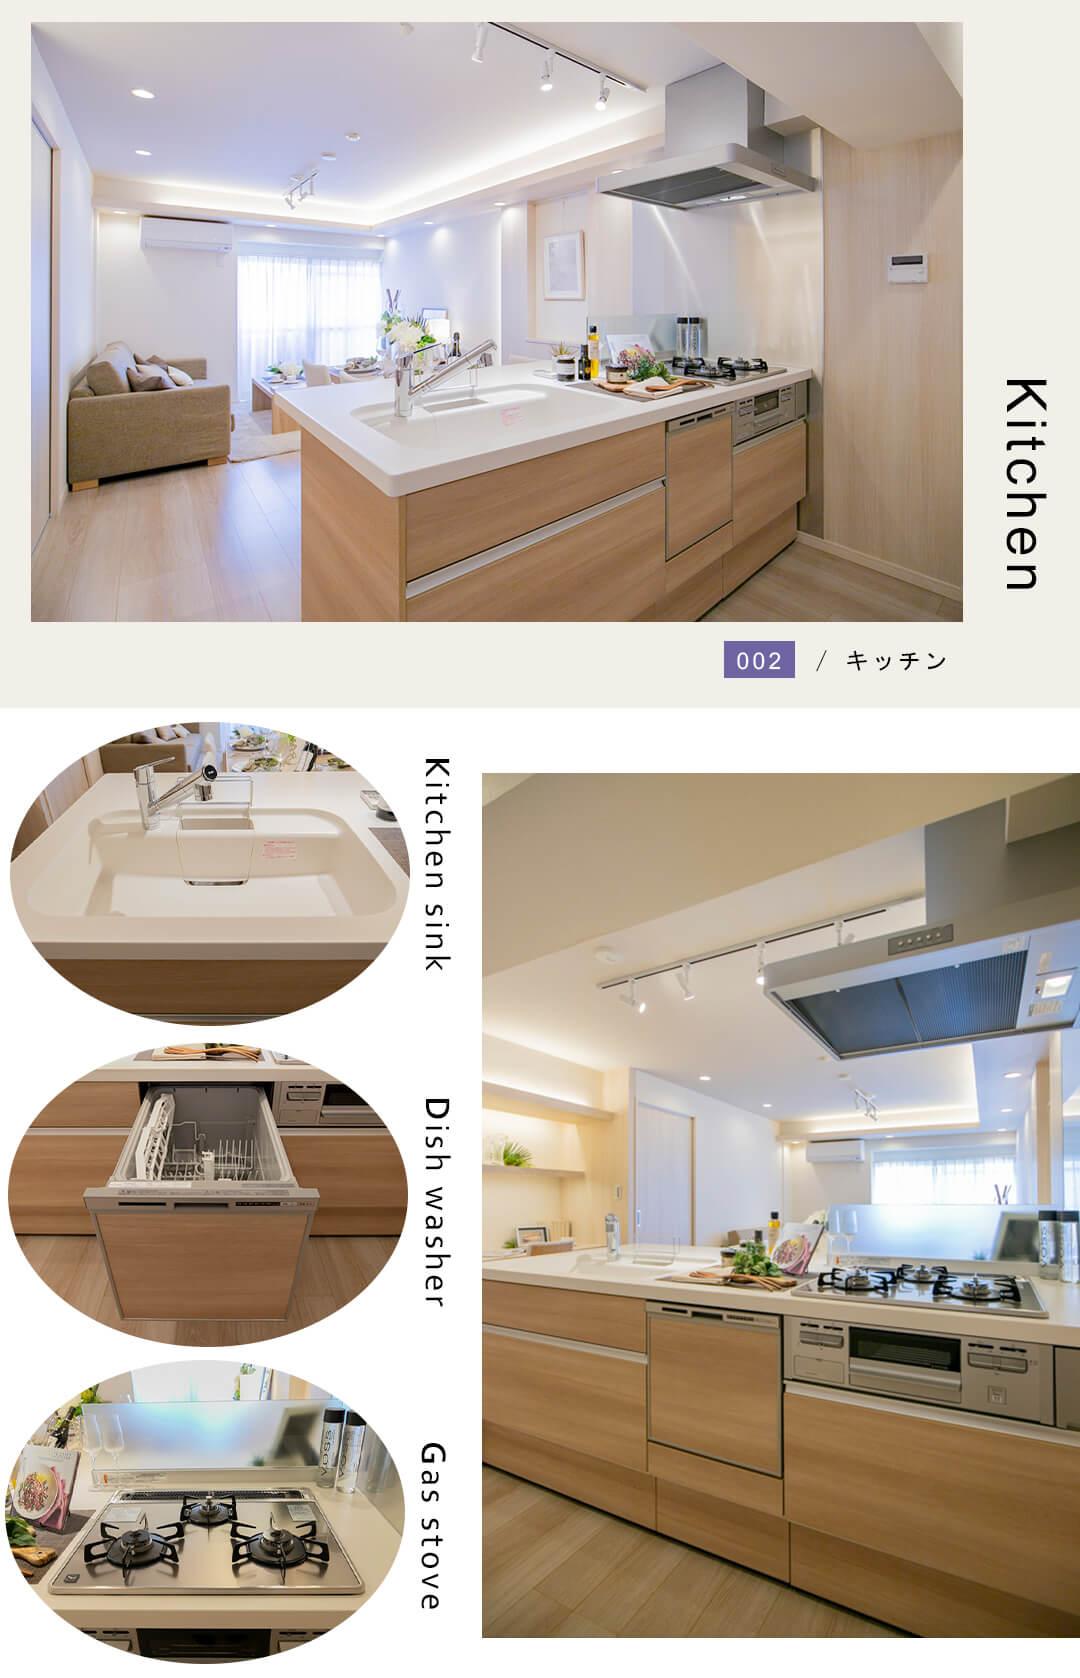 パイロットハウス北新宿のキッチン